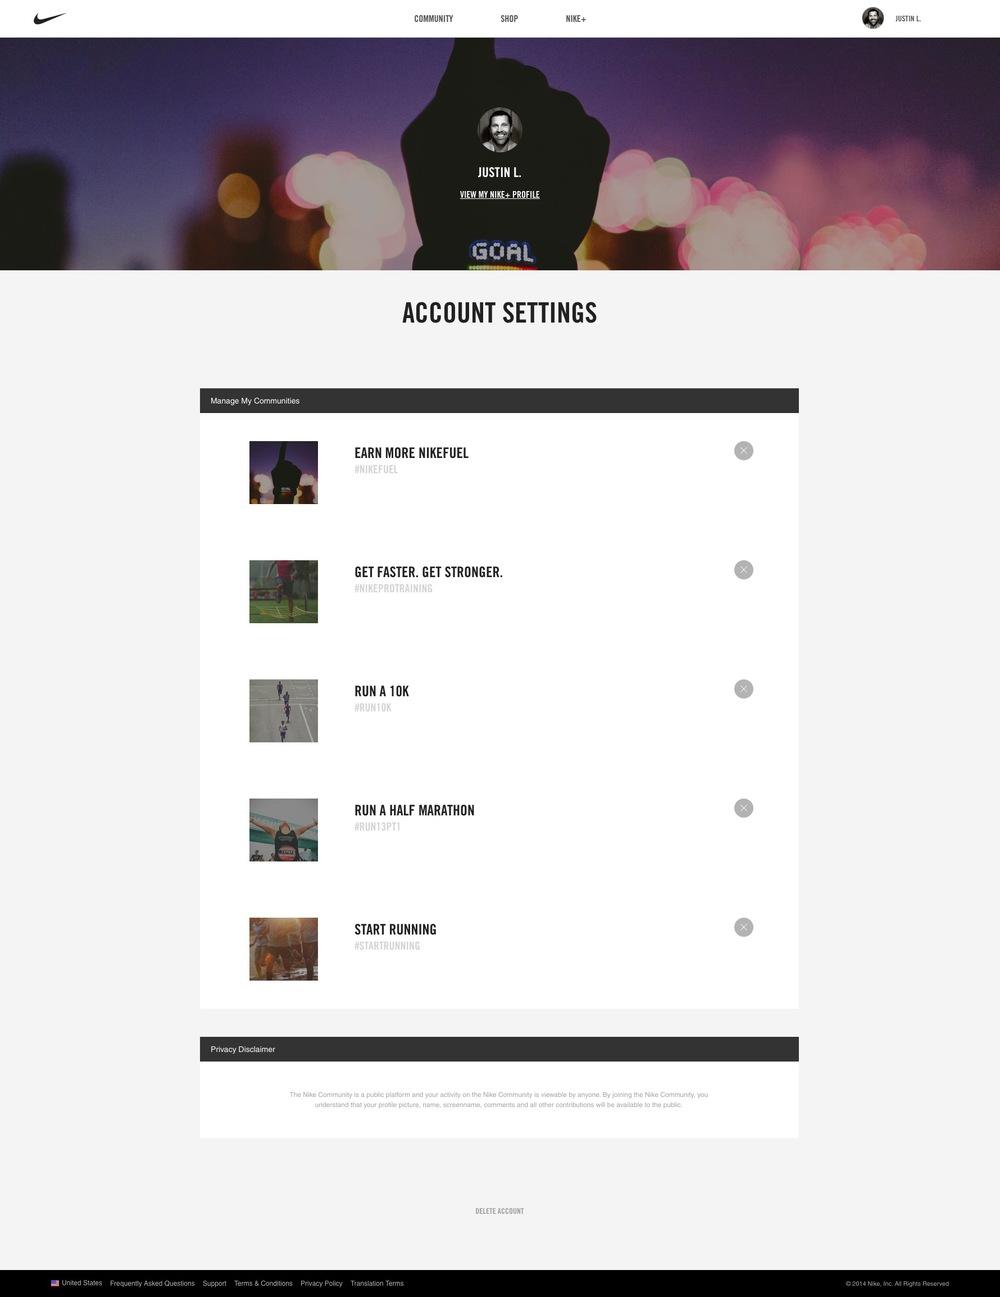 Account Settings - Nike Community.jpg